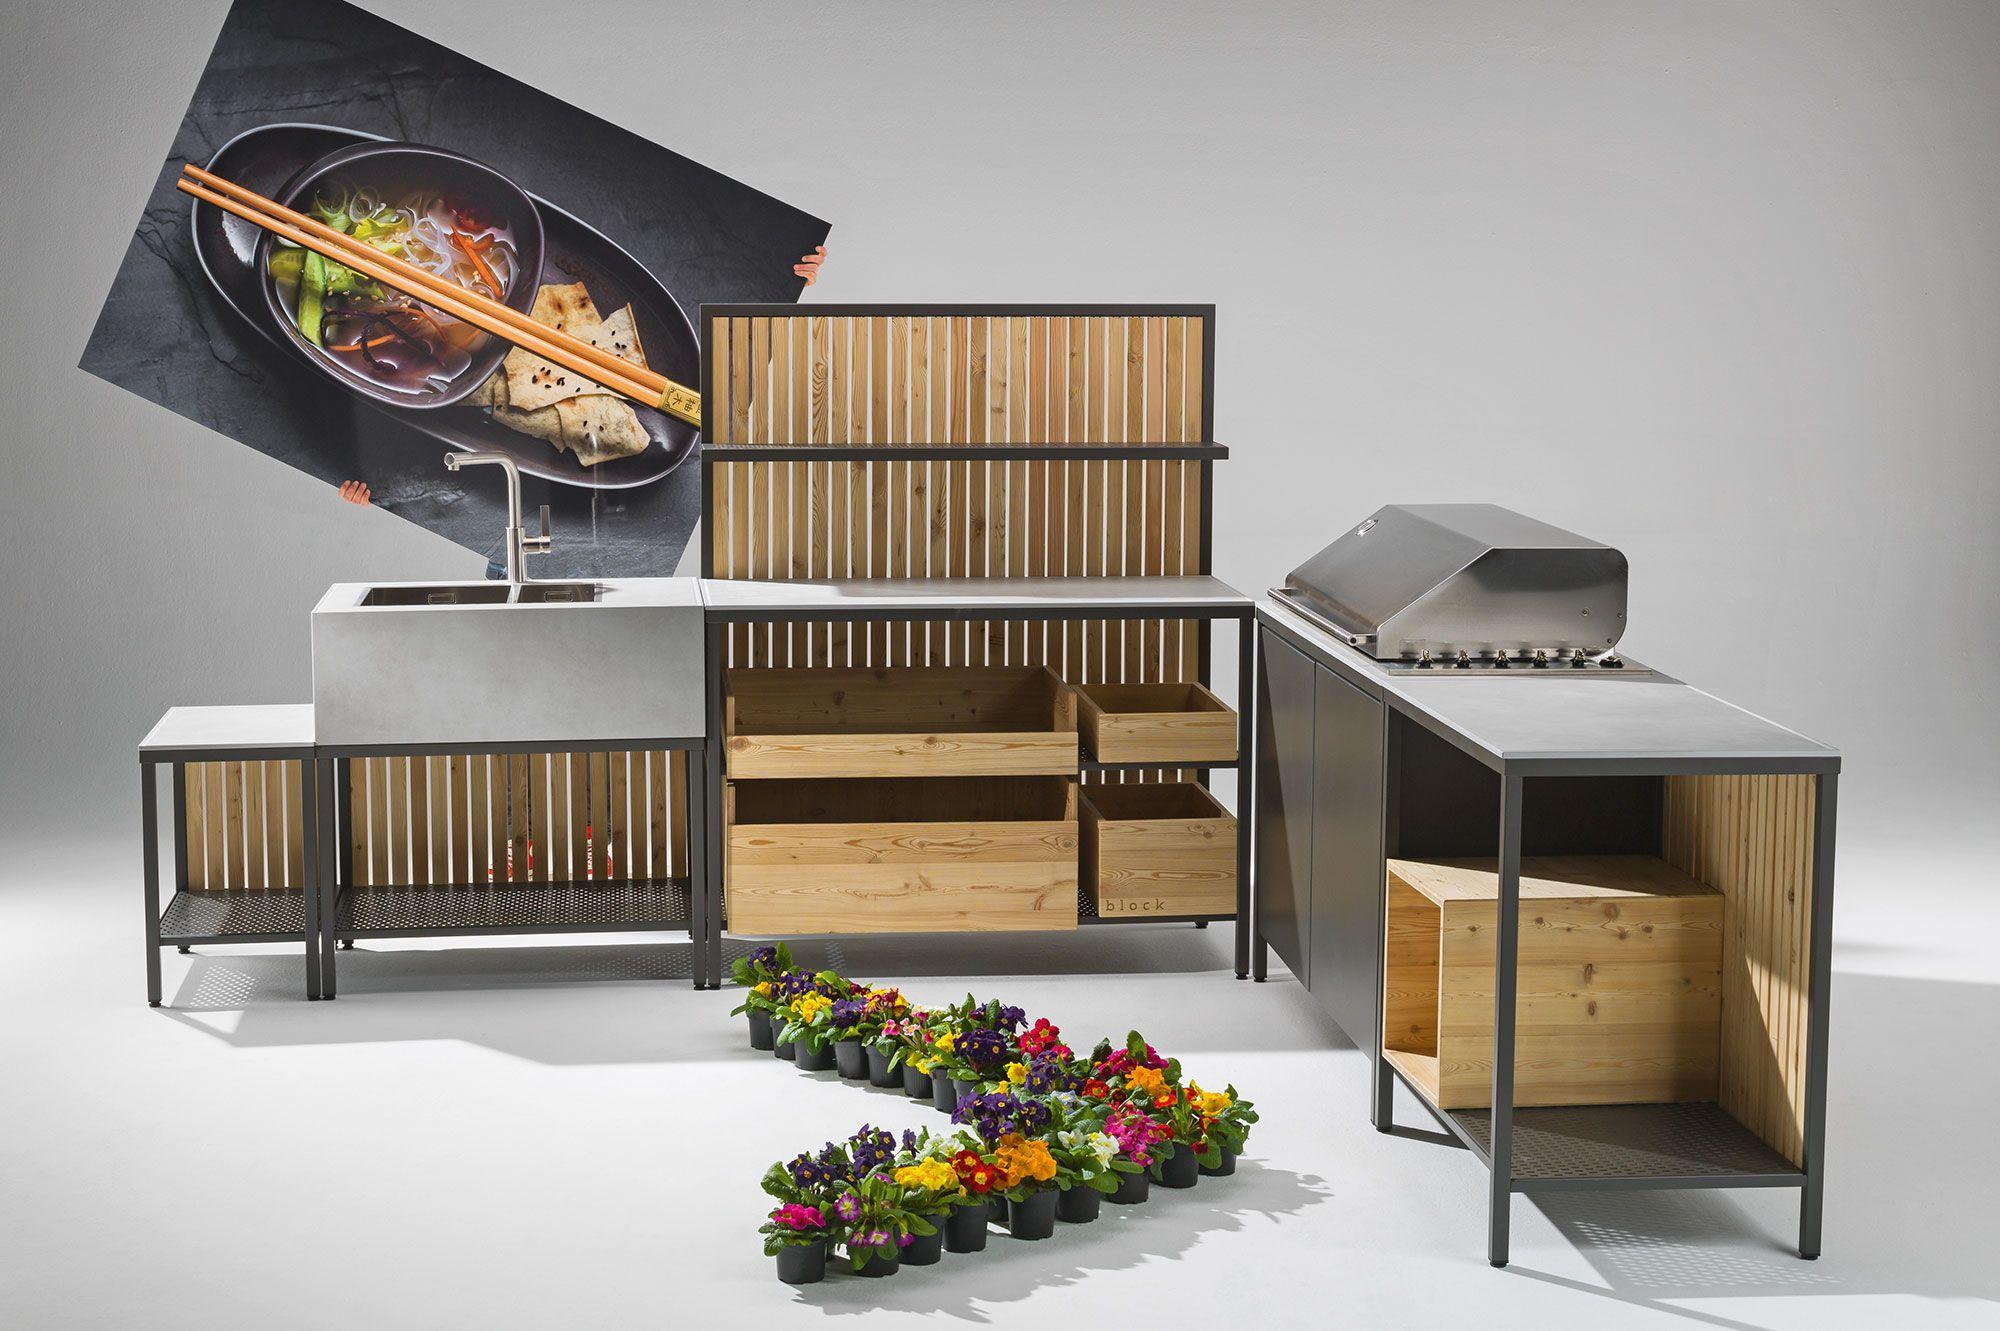 Outdoor Küche Instagram : Die modulare outdoor küche mit bewusst einfacher struktur und